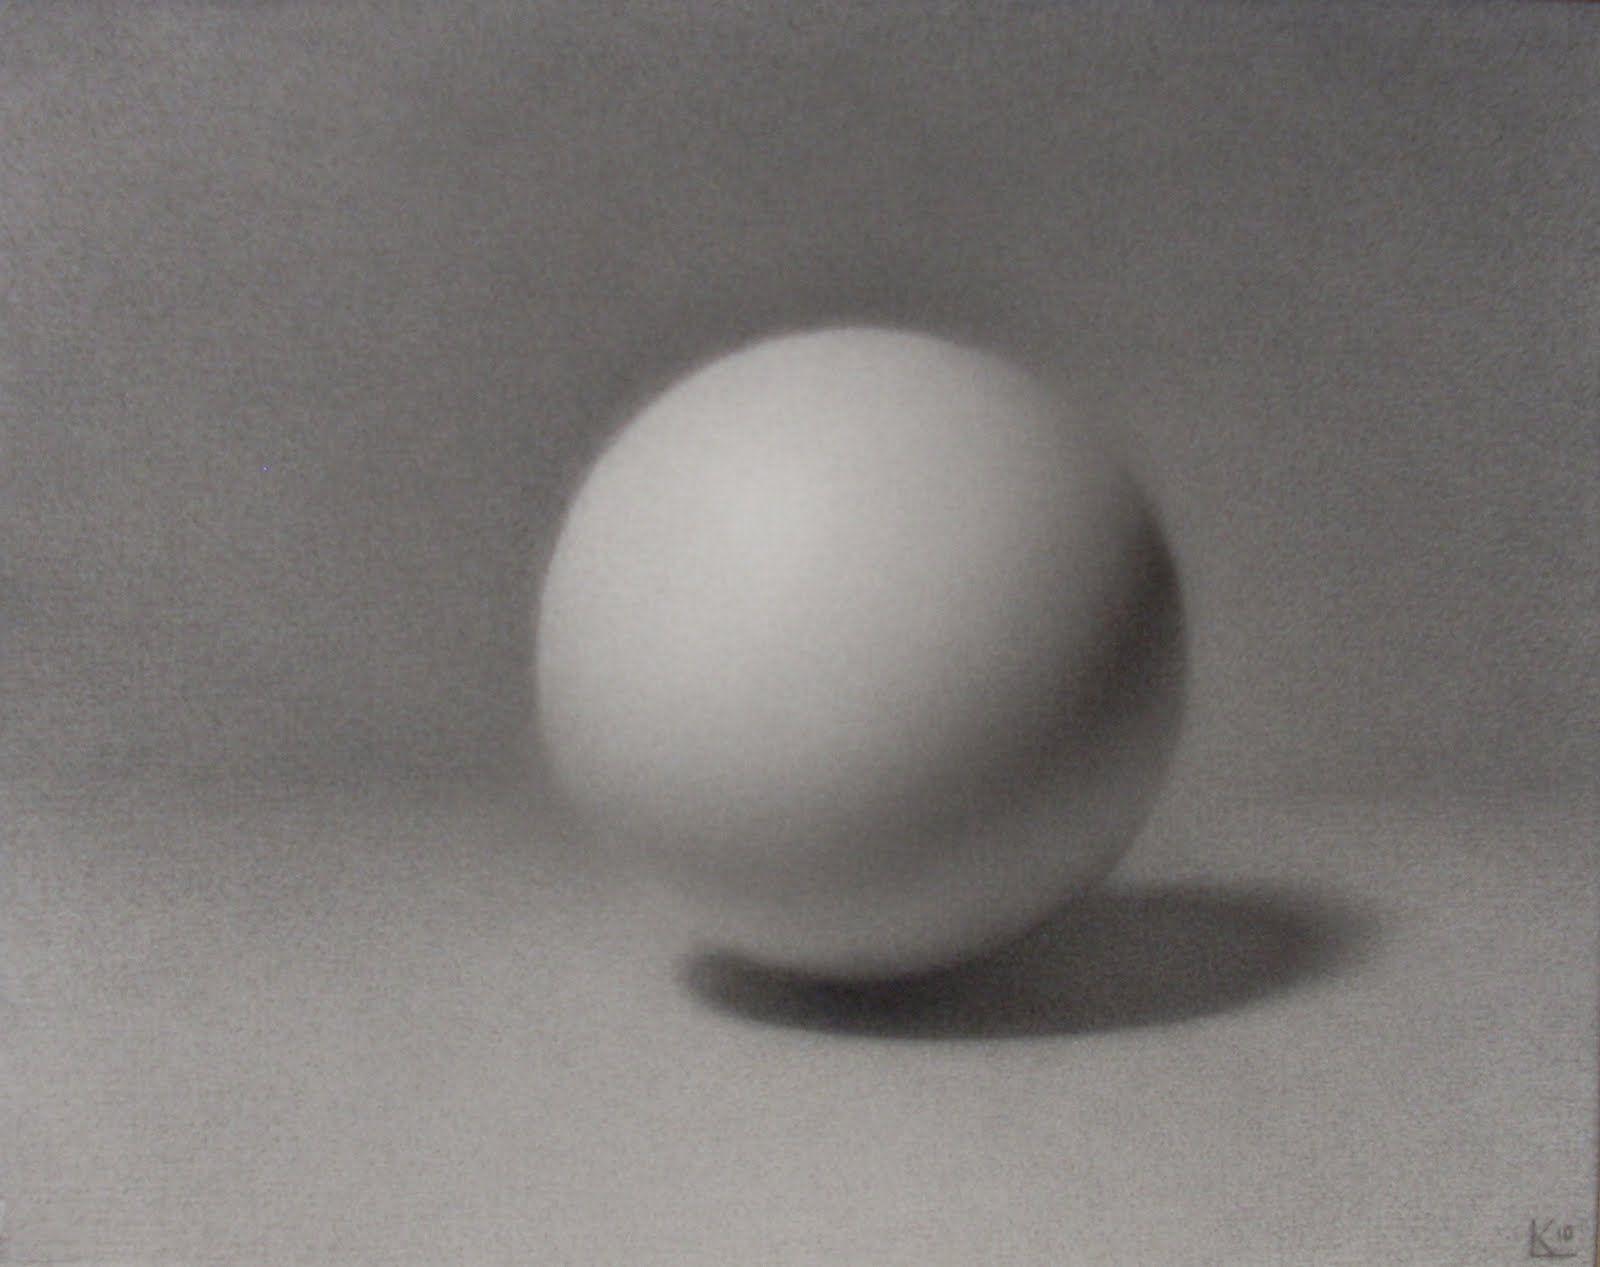 Katt Leeds Sphere Drawing Charcoal 8 X 10 Still Life Drawing